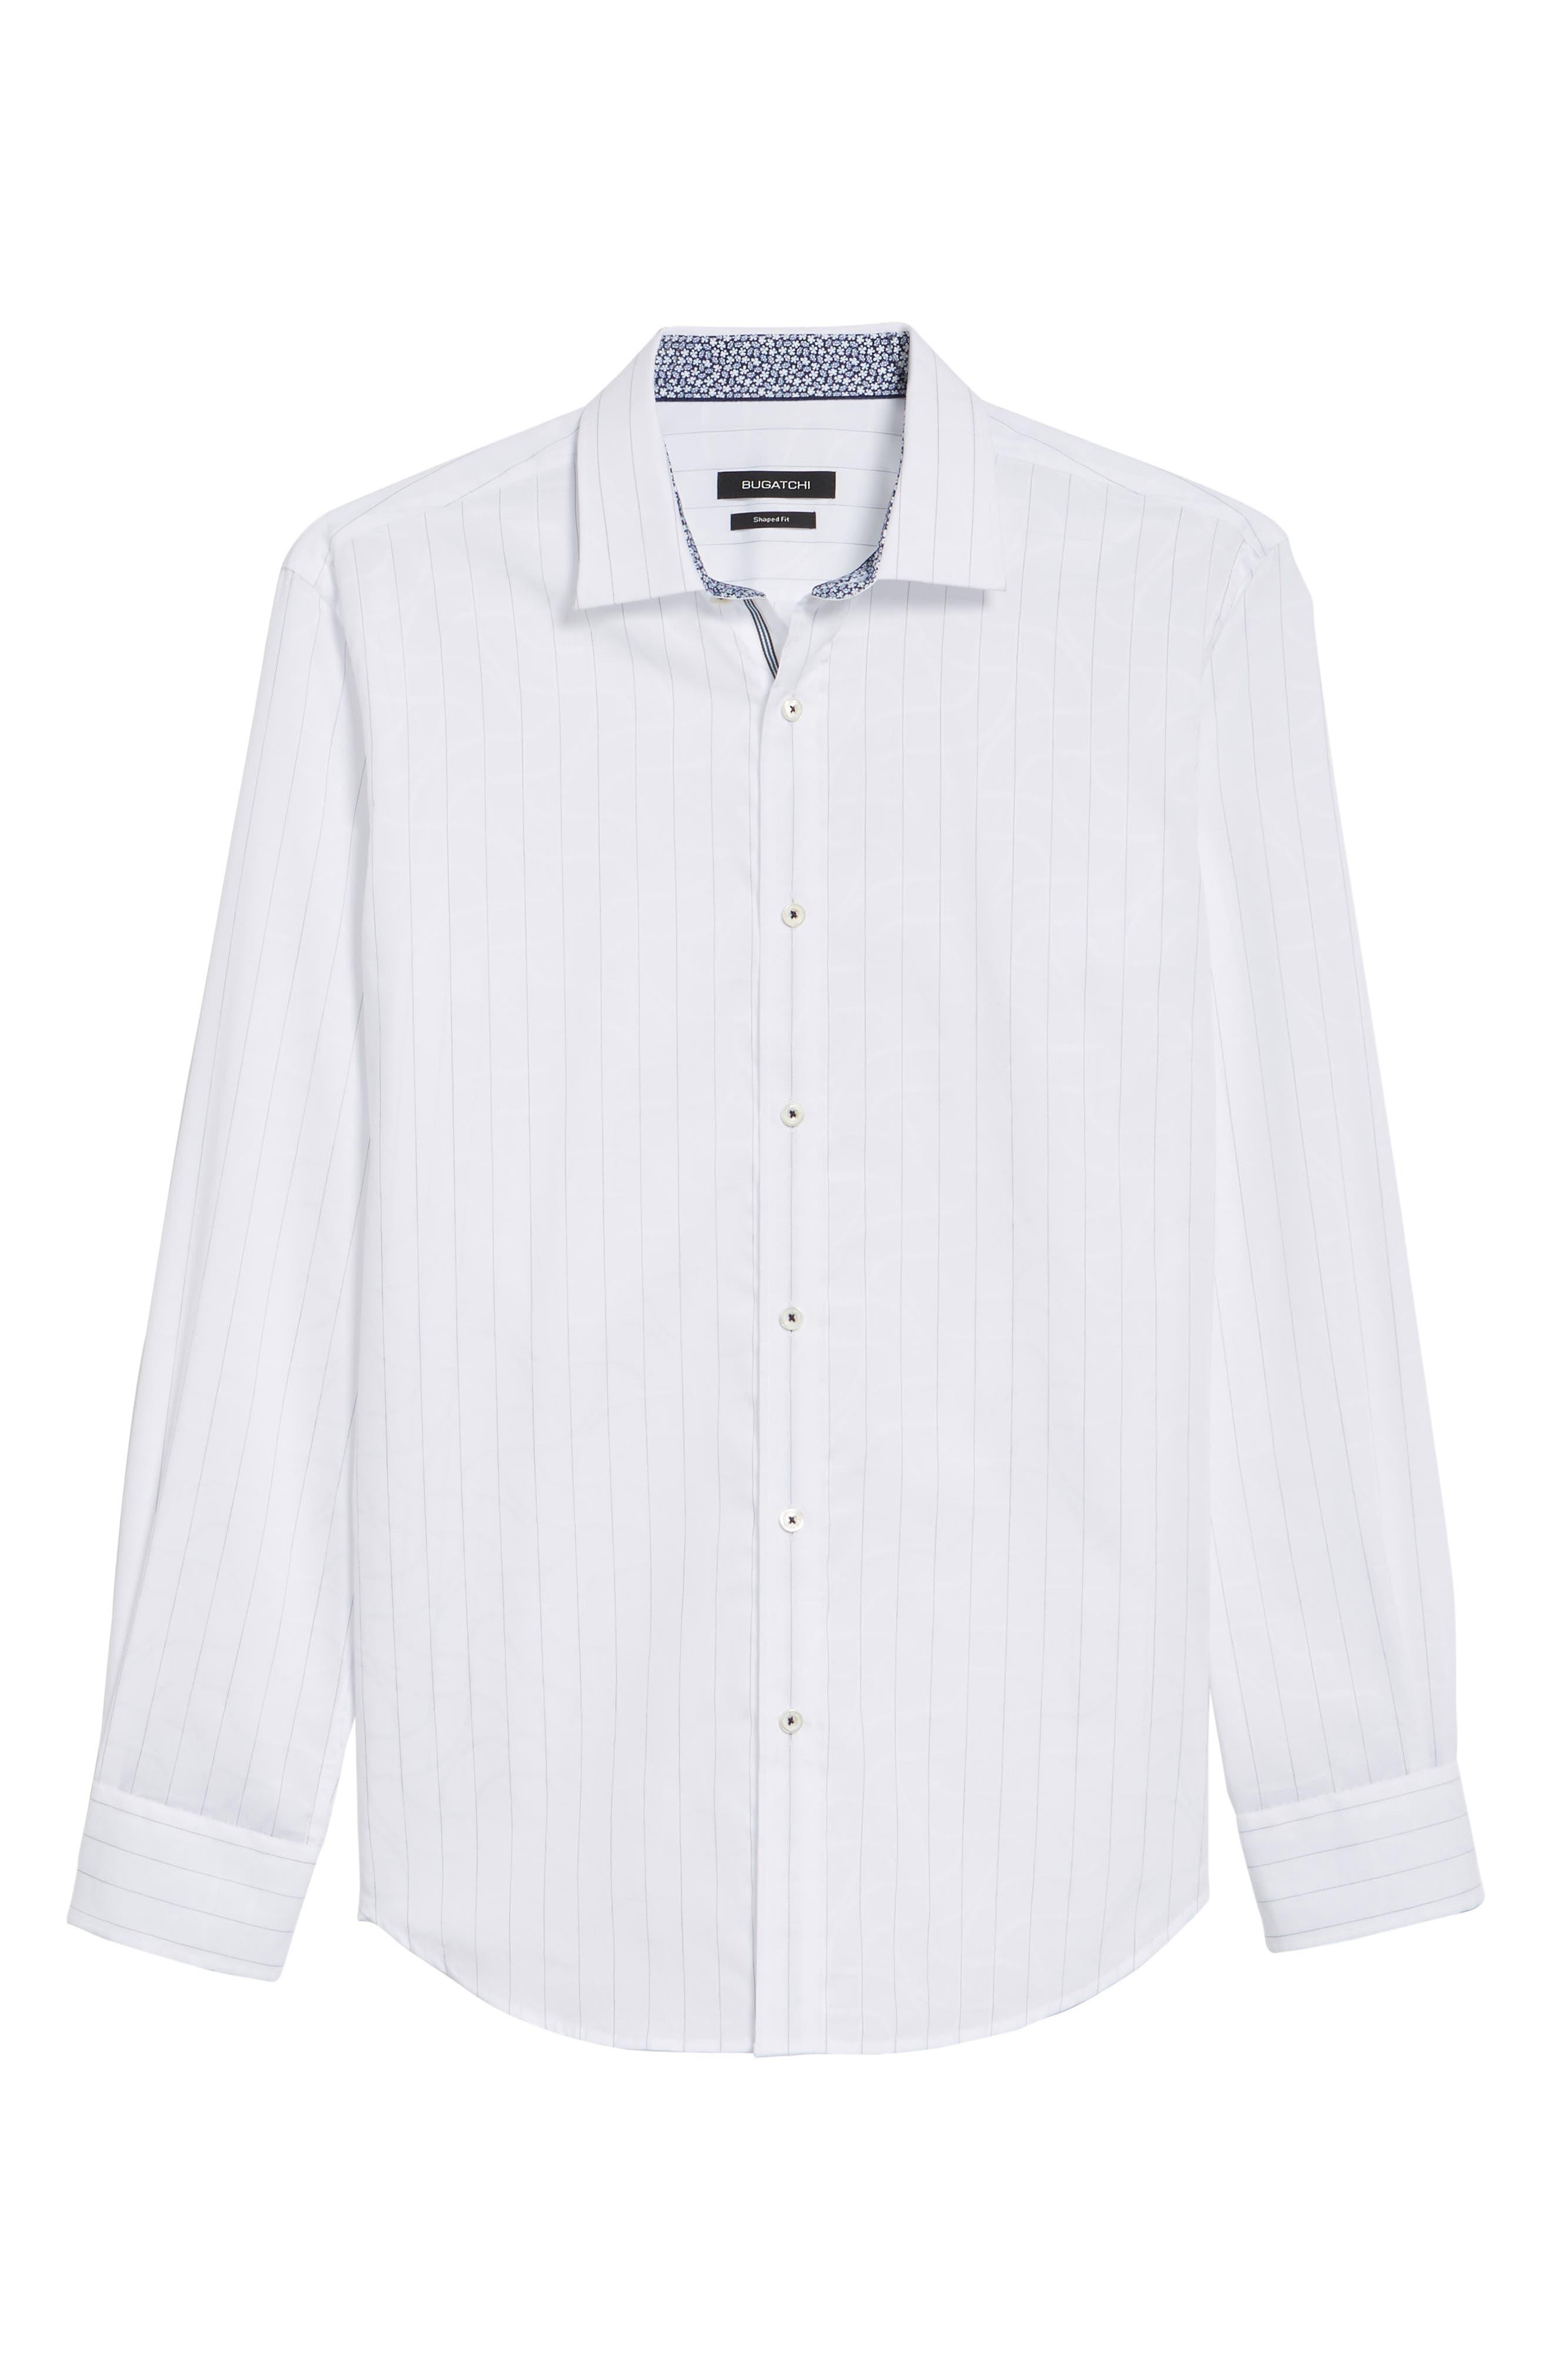 Woven Sport Shirt,                             Alternate thumbnail 6, color,                             White